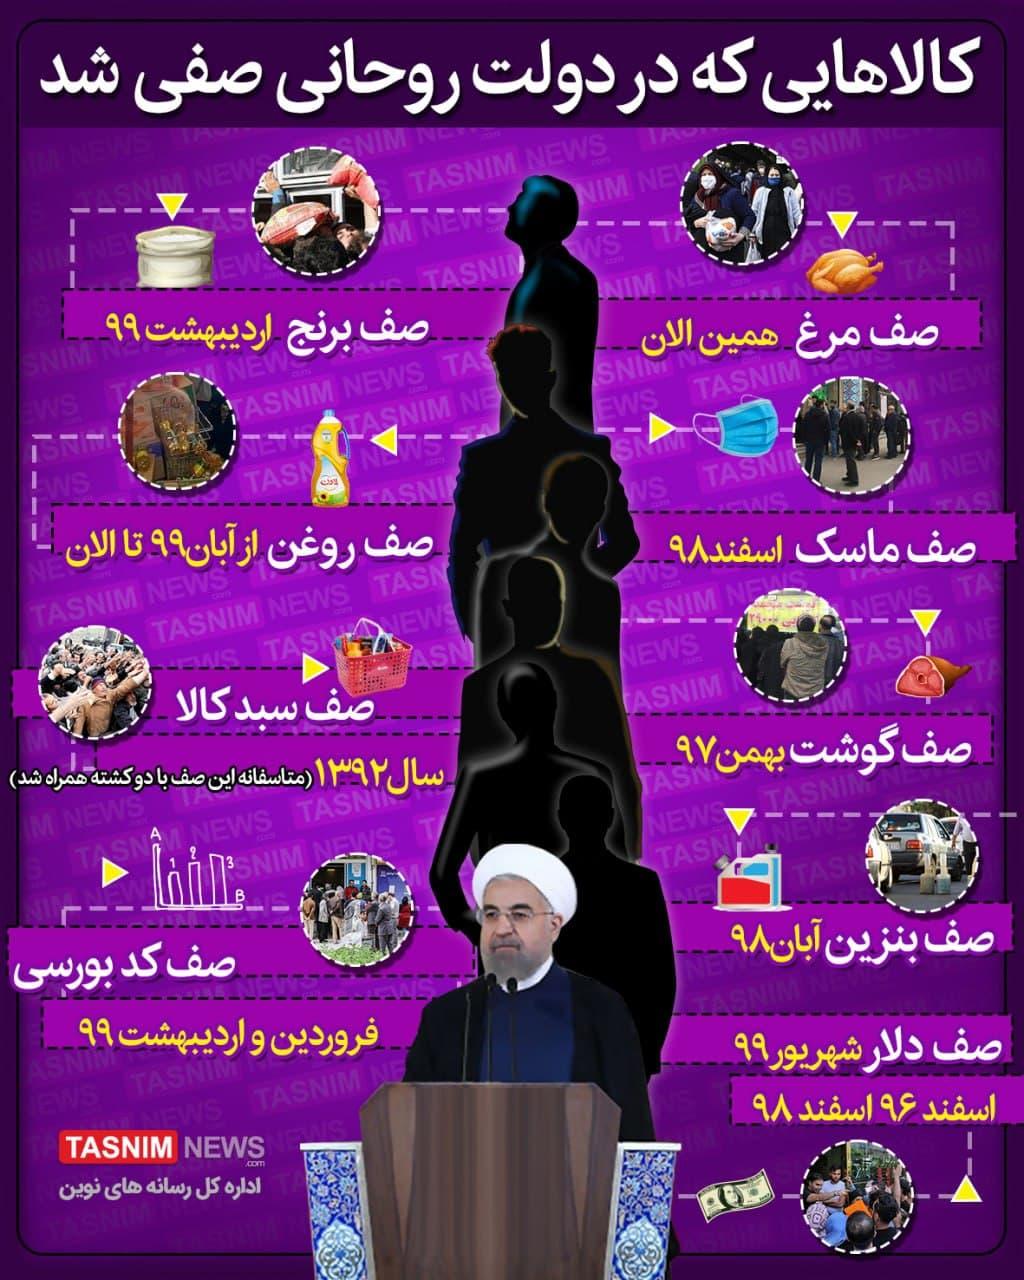 کالاهایی که در دولت روحانی صفی شد + اینفوگرافی